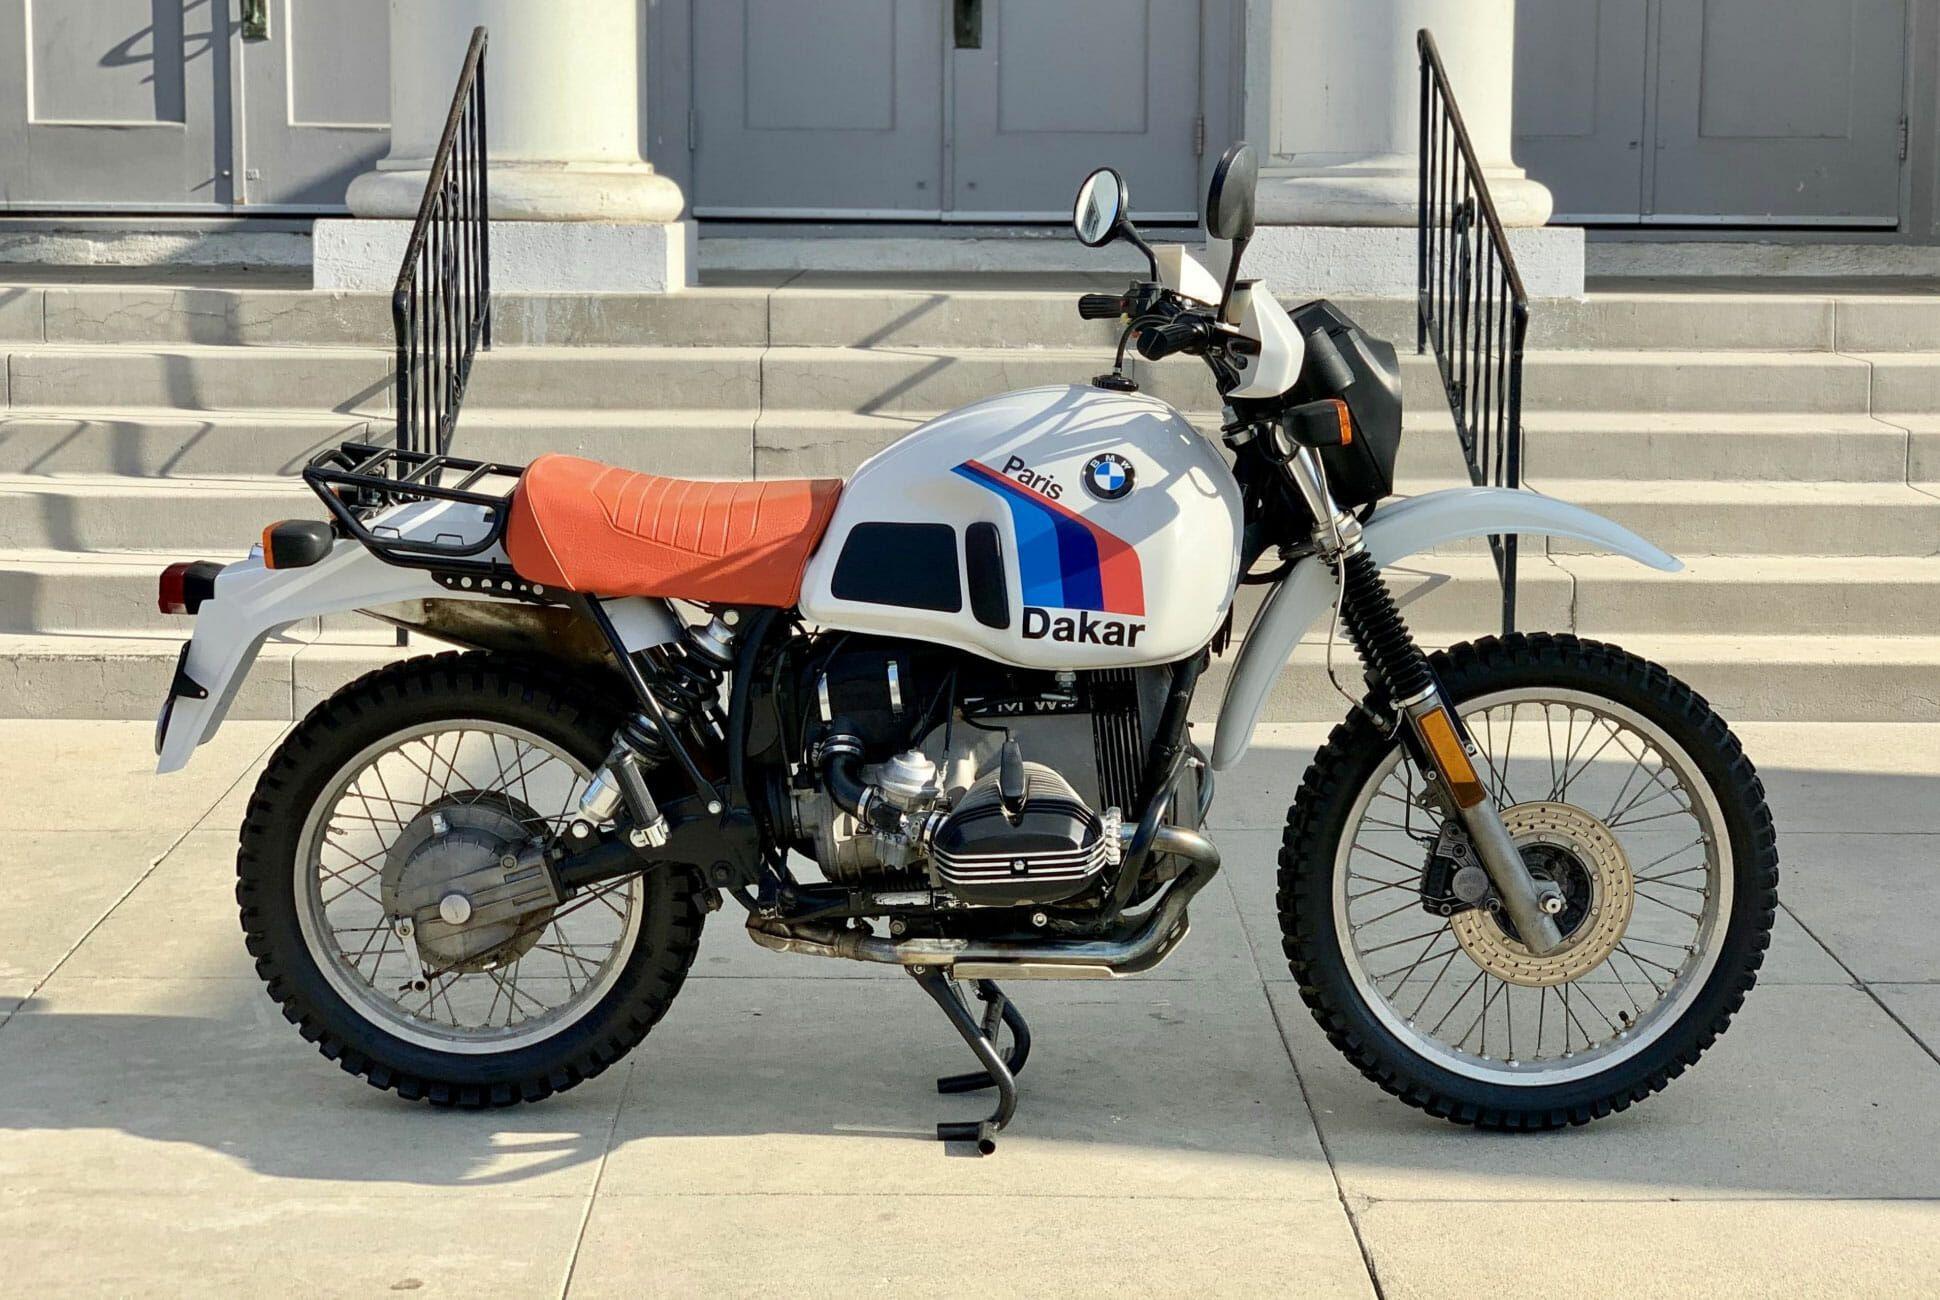 1981-BMW-R80G-Dakar-Gear-Patrol-slide-1